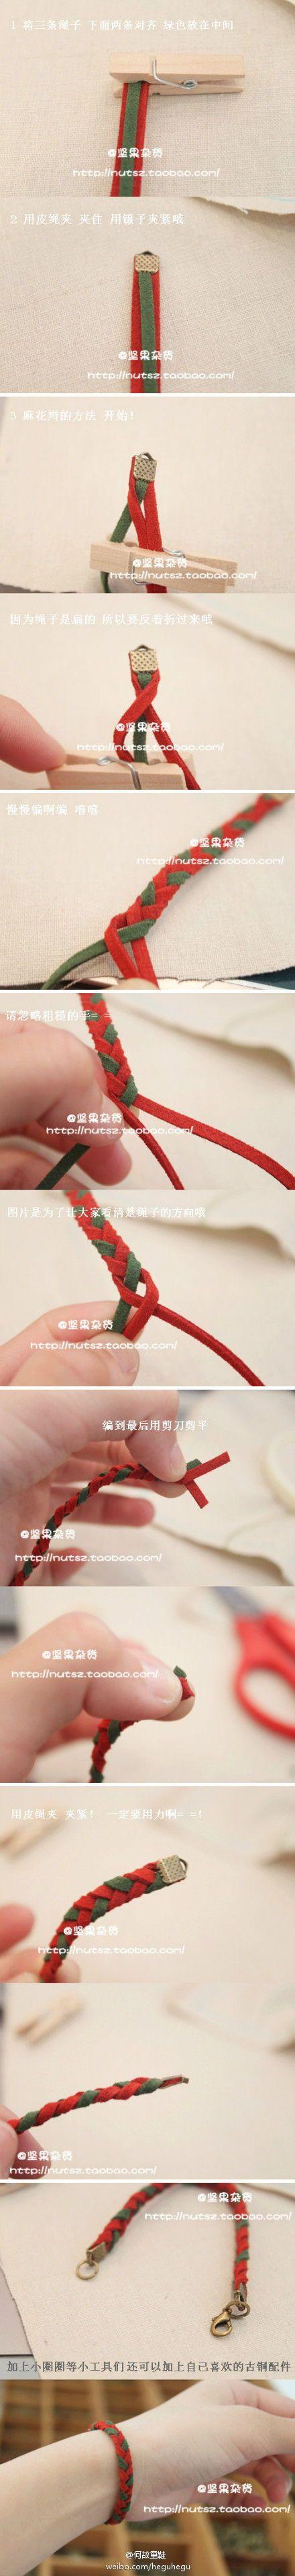 DIY Easy Rope Bracelet